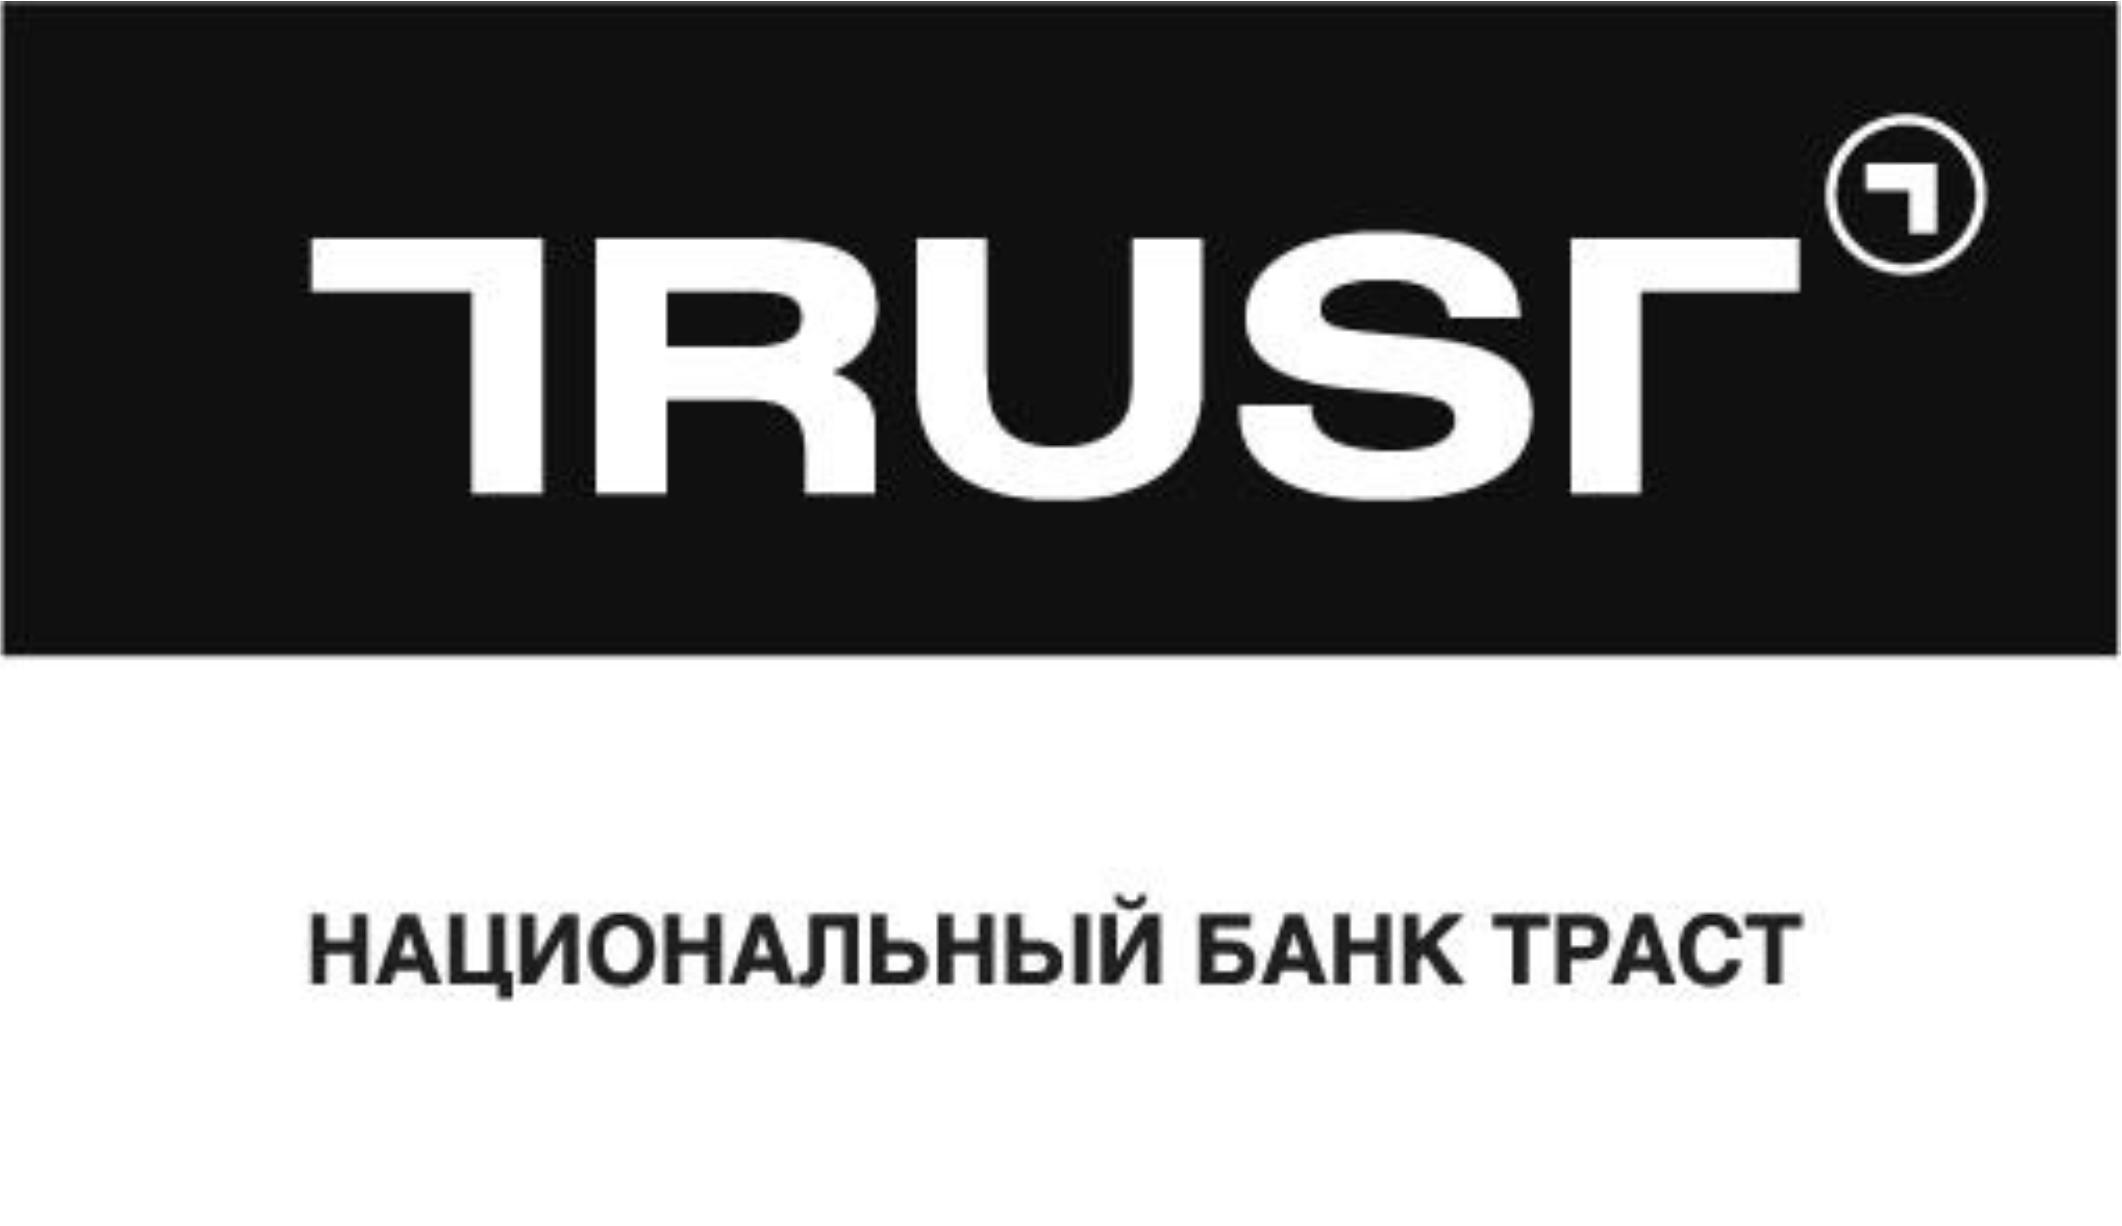 Праздничный день для отделений банка «ТРАСТ», расположенных в Чувашской республике - БАНК «ТРАСТ»